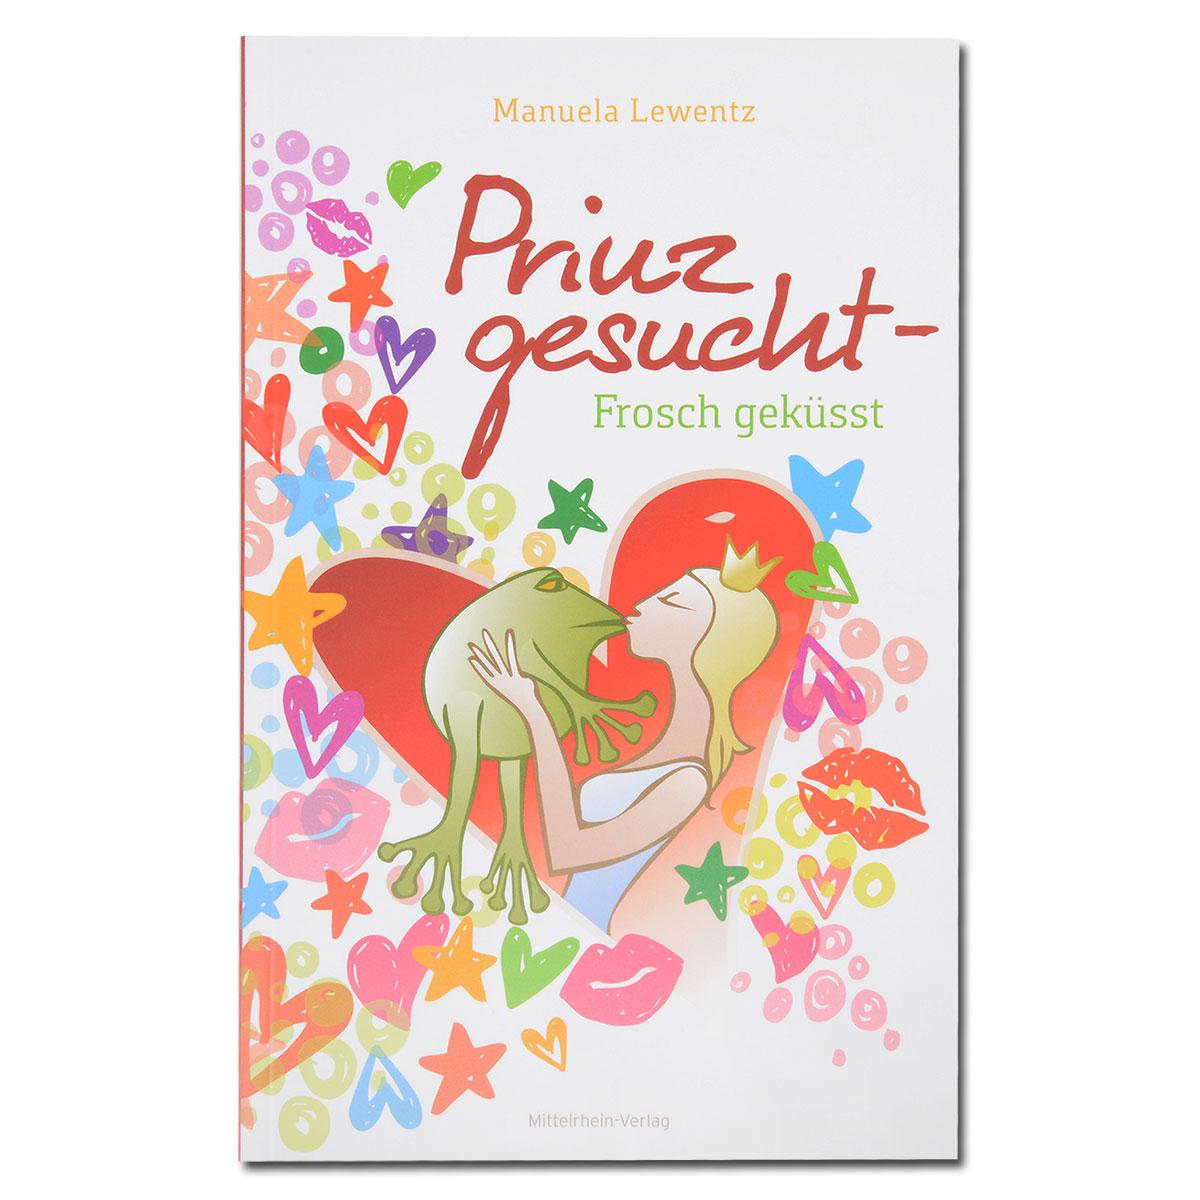 Prinz gesucht - Frosch geküsst im Pareyshop